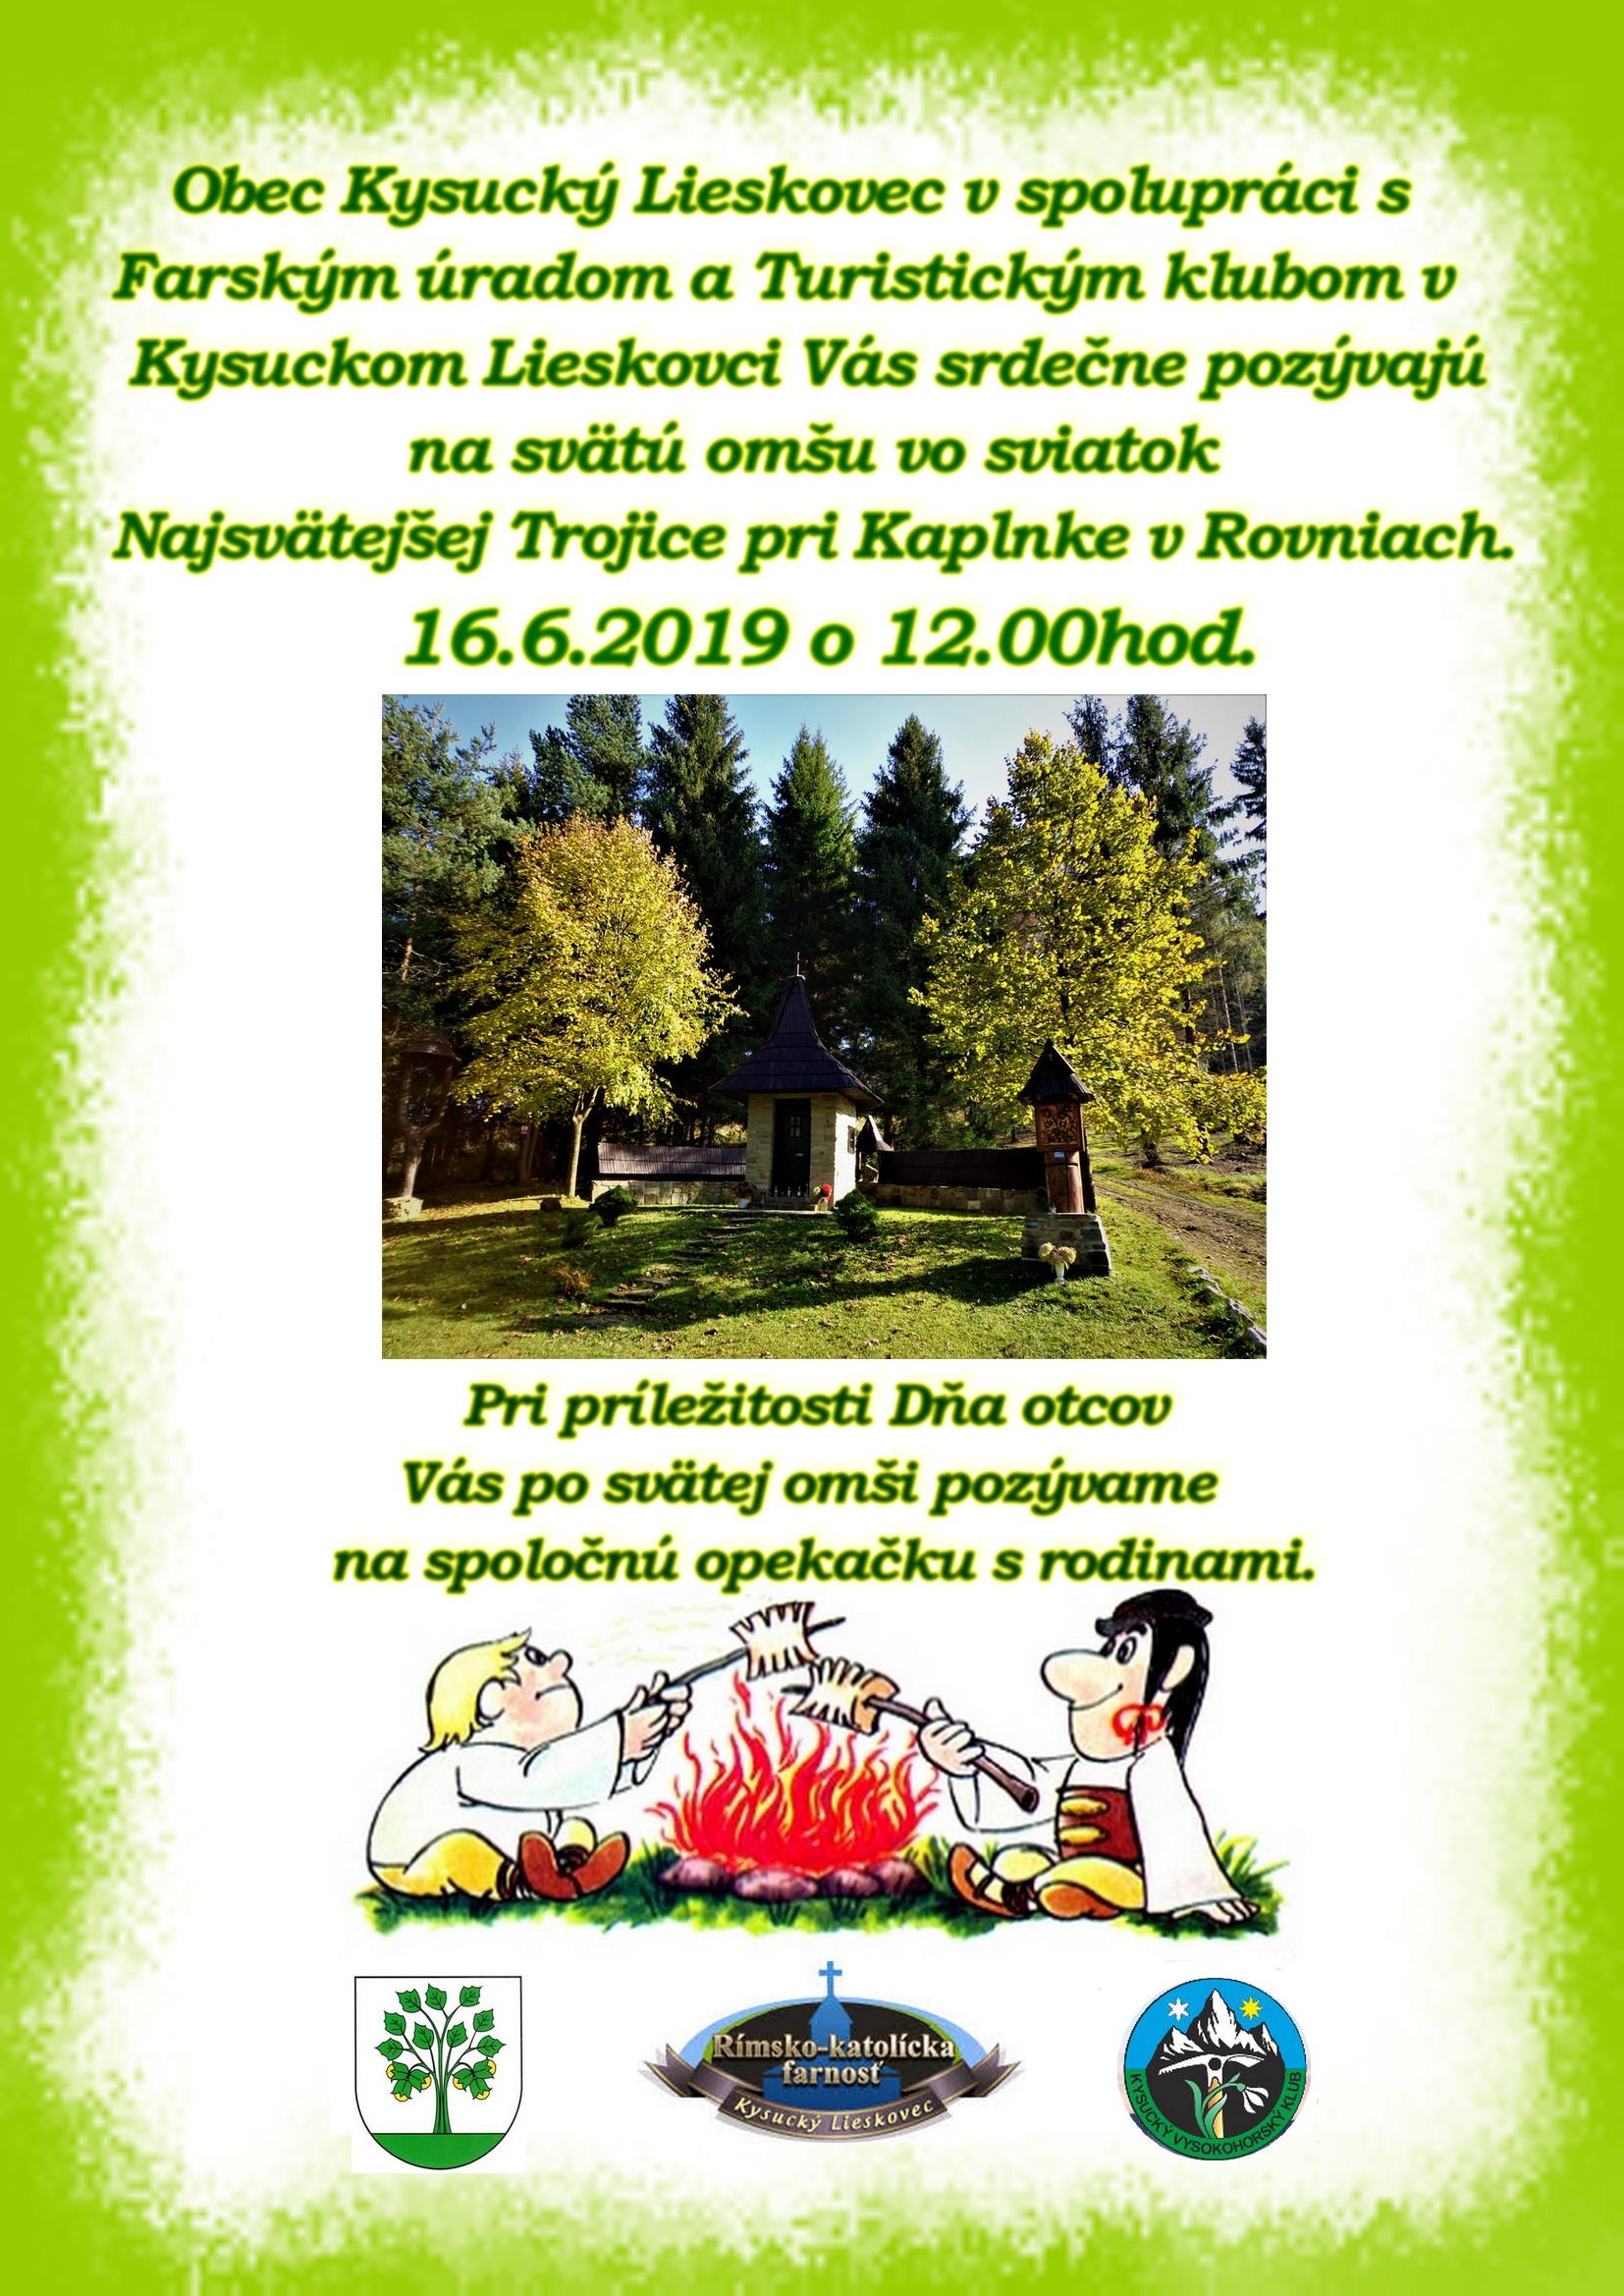 Le village de Kysucky Lieskovec, en coopération avec l'office paroissial et le club de tourisme de Kysucky Lieskovec, vous invite à la messe lors de la fête de la Sainte Trinité à la chapelle de Rovne. 16 juin 2019 à 12h00